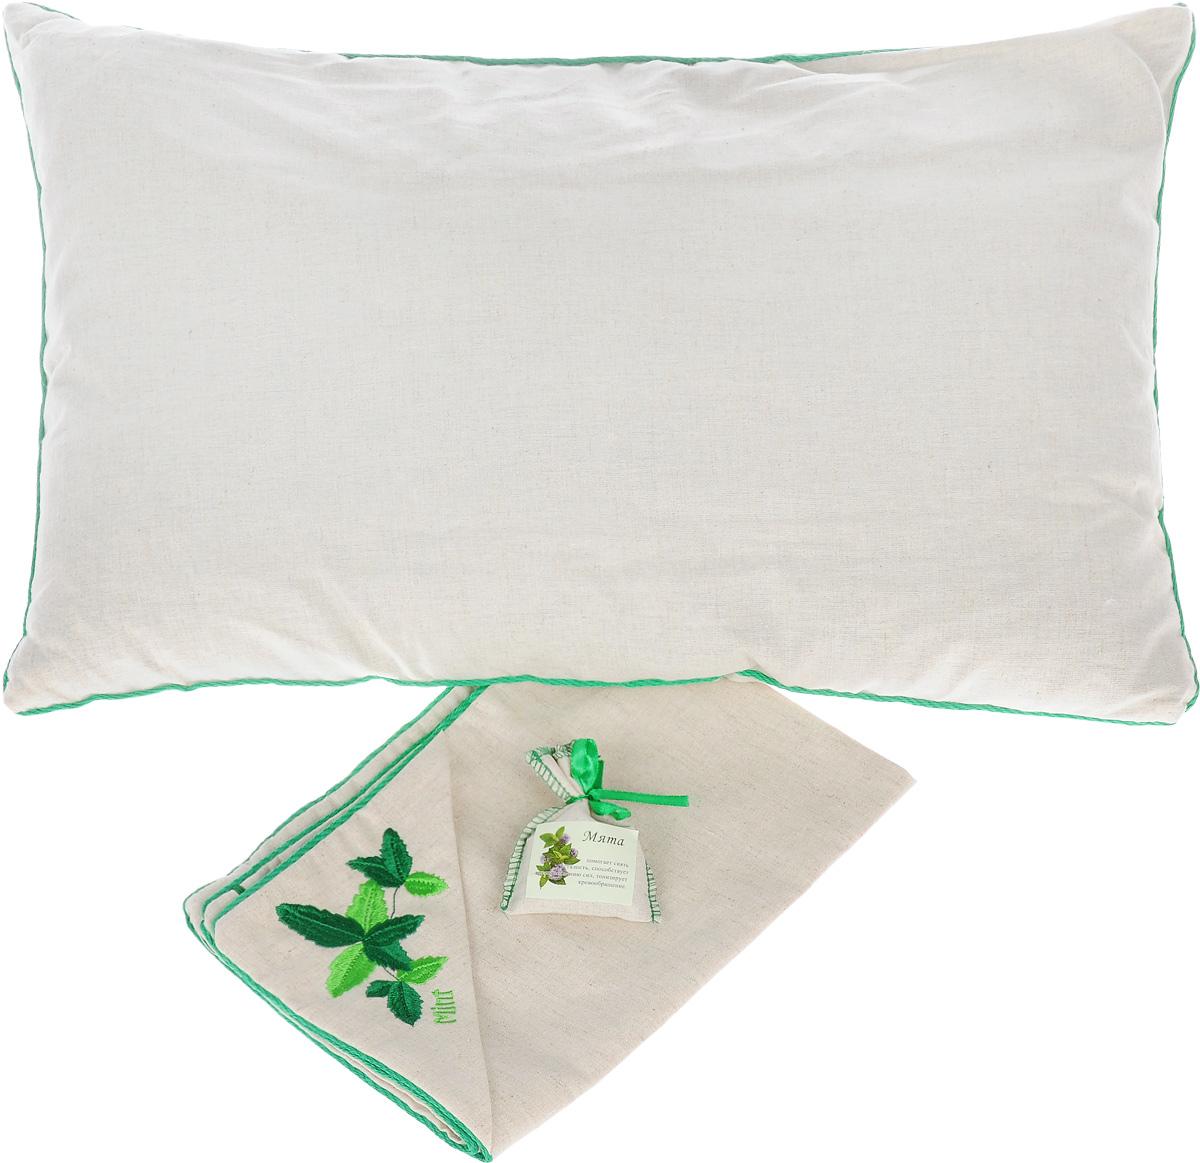 Подушка Smart Textile Традиция здоровья, с наволочкой, с мешочком мяты, 40 х 60 смUP210DFПодушка Smart Textile Традиция здоровья - идеальный подарок для любимого человека. Чехол и наволочка выполнены изо 100% льна, наволочка оформлена оригинальной вышивкой в виде мяты, окантована и застегивается на аккуратную молнию-застежку. В комплект входит миниатюрный льняной мешочек с мятой на атласной завязке-ленте. Тонкий аромат мяты принесет нотки природы в вашу спальню. Такой аромат был выбран не случайно. Во сне мы проводим значительную часть нашей жизни и именно от качества сна будет зависеть наше самочувствие и продуктивность нового дня. Поэтому особенно важно выбрать для себя постельные принадлежности, чтобы они были не только удобными, но и полезными. Мята богата ментолом (содержится в листьях растения), который помогает снять усталость, головную боль, тонизирует кровообращение, обладает антисептическими свойствами, благотворно влияет на иммунную систему, снижая риск простудных и вирусных заболеваний.Не случаен и выбор наполнителя для подушки – лепестки лузги гречихи. Это природный гипоаллергенный наполнитель, который очень часто используют для набивки подушек. Такой наполнитель полый, легкий, благодаря чему позволяет воздуху циркулировать внутри подушки, сохраняя комфортную температуру и не накапливает пыль, не вызывает аллергии. Сыпучесть придает подушке необходимое естественное положение головы и шеи, что делает ваш сон максимально комфортным и полезным. А благодаря своей трехгранной структуре лузга гречихи обеспечивает микромассаж головы и шеи во время сна. Вы проснетесь бодрым и свежим, открытым для нового дня. Кроме того лузга обладает антистатическим действием. В отличие от синтетического, натуральный наполнитель не магнитит волосы и не трещит. Рекомендации по уходу: Подушка упакована в пластиковую сумку-чехол на застежке-молнии с ручкой для комфортной переноски и хранения. Рекомендации по уходу: - Стирка запрещена,- Нельзя отбеливать,- Не гладить,- Химчистка то